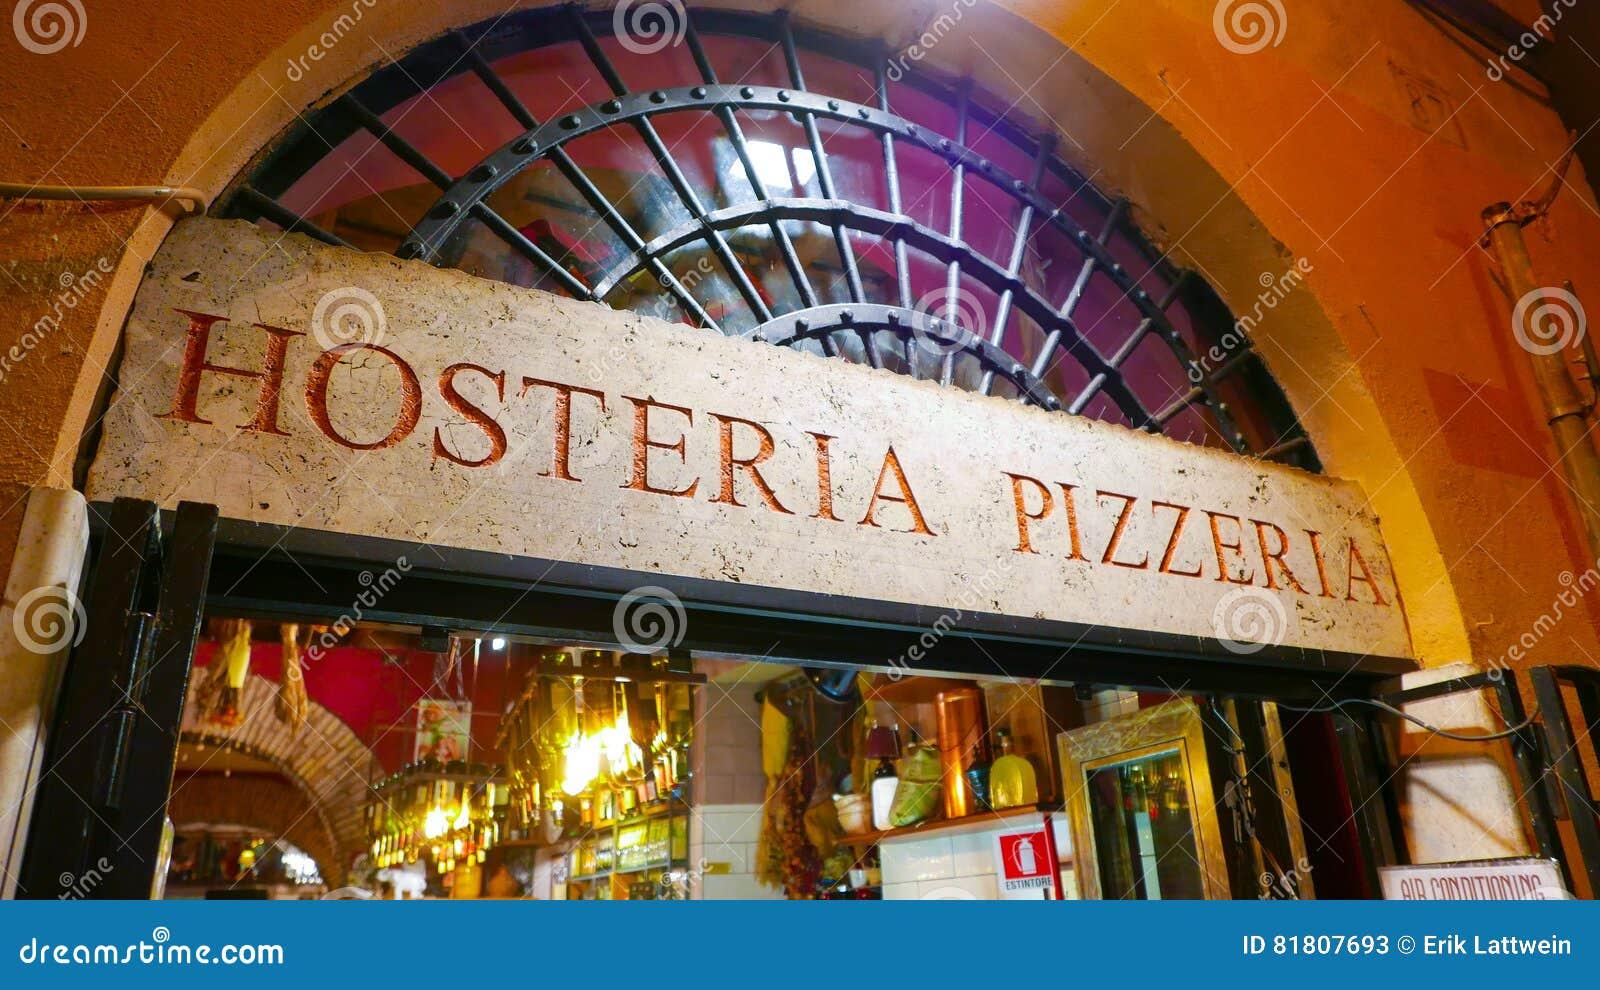 Красивая итальянская пиццерия стиля в историческом районе в Риме